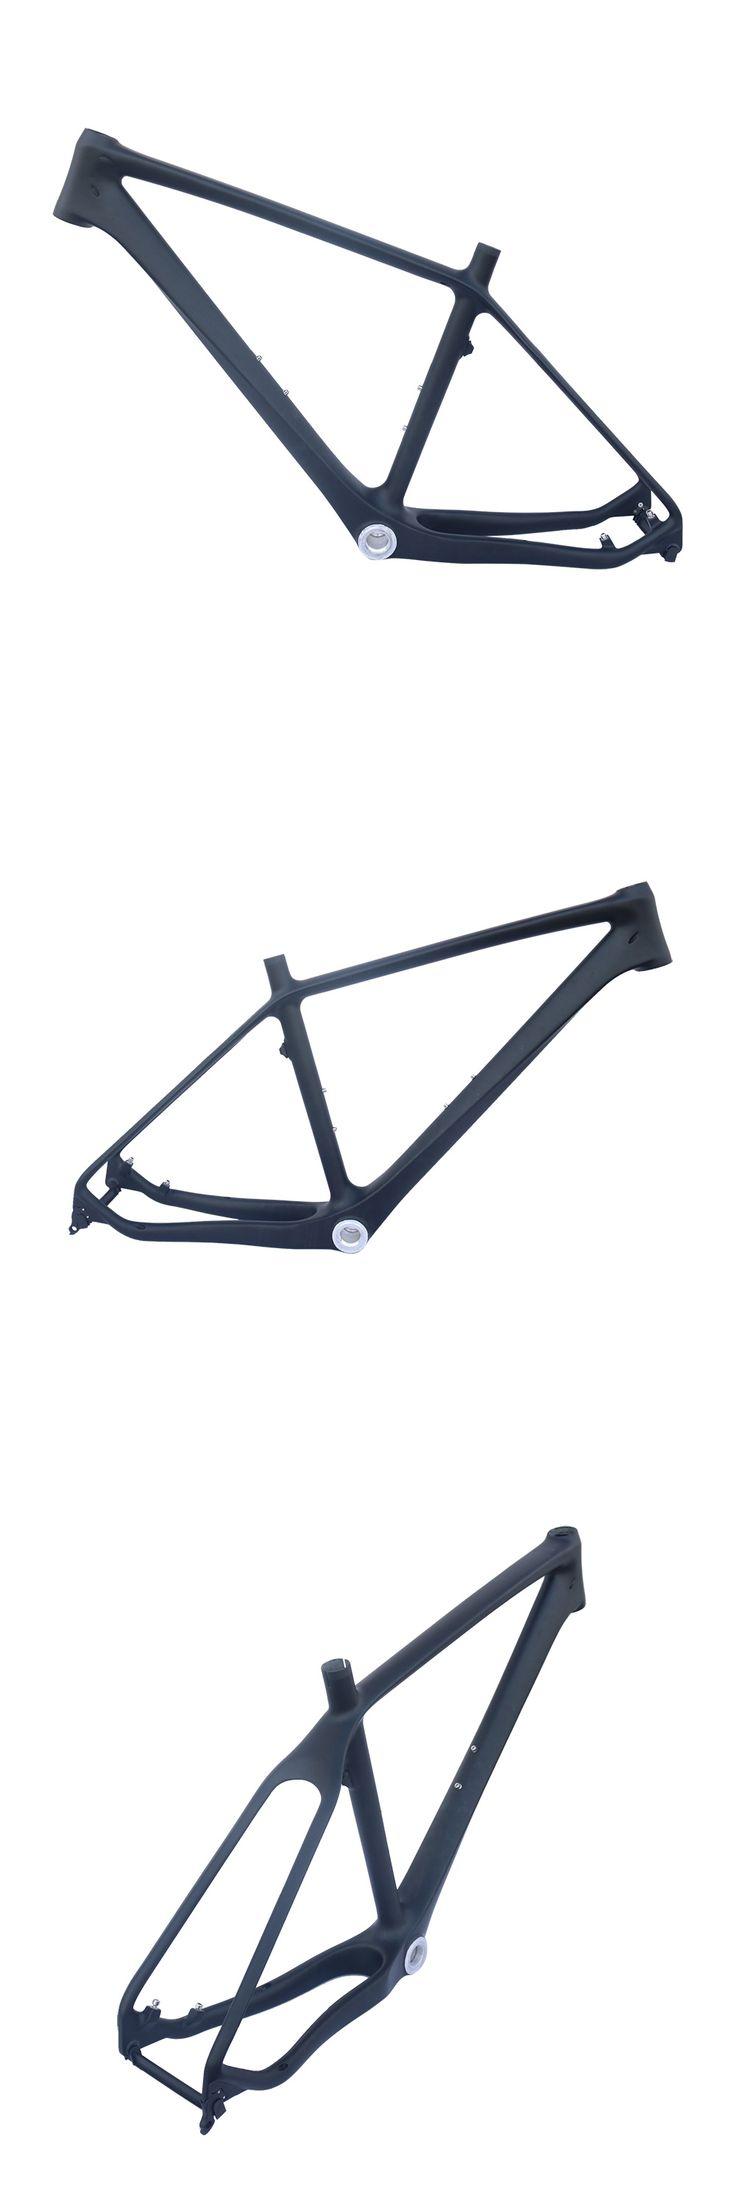 Full Carbon Fiber Mountain Bike Frame High quality   27.5er  MTB Frame,16/18inch,BSA matt black